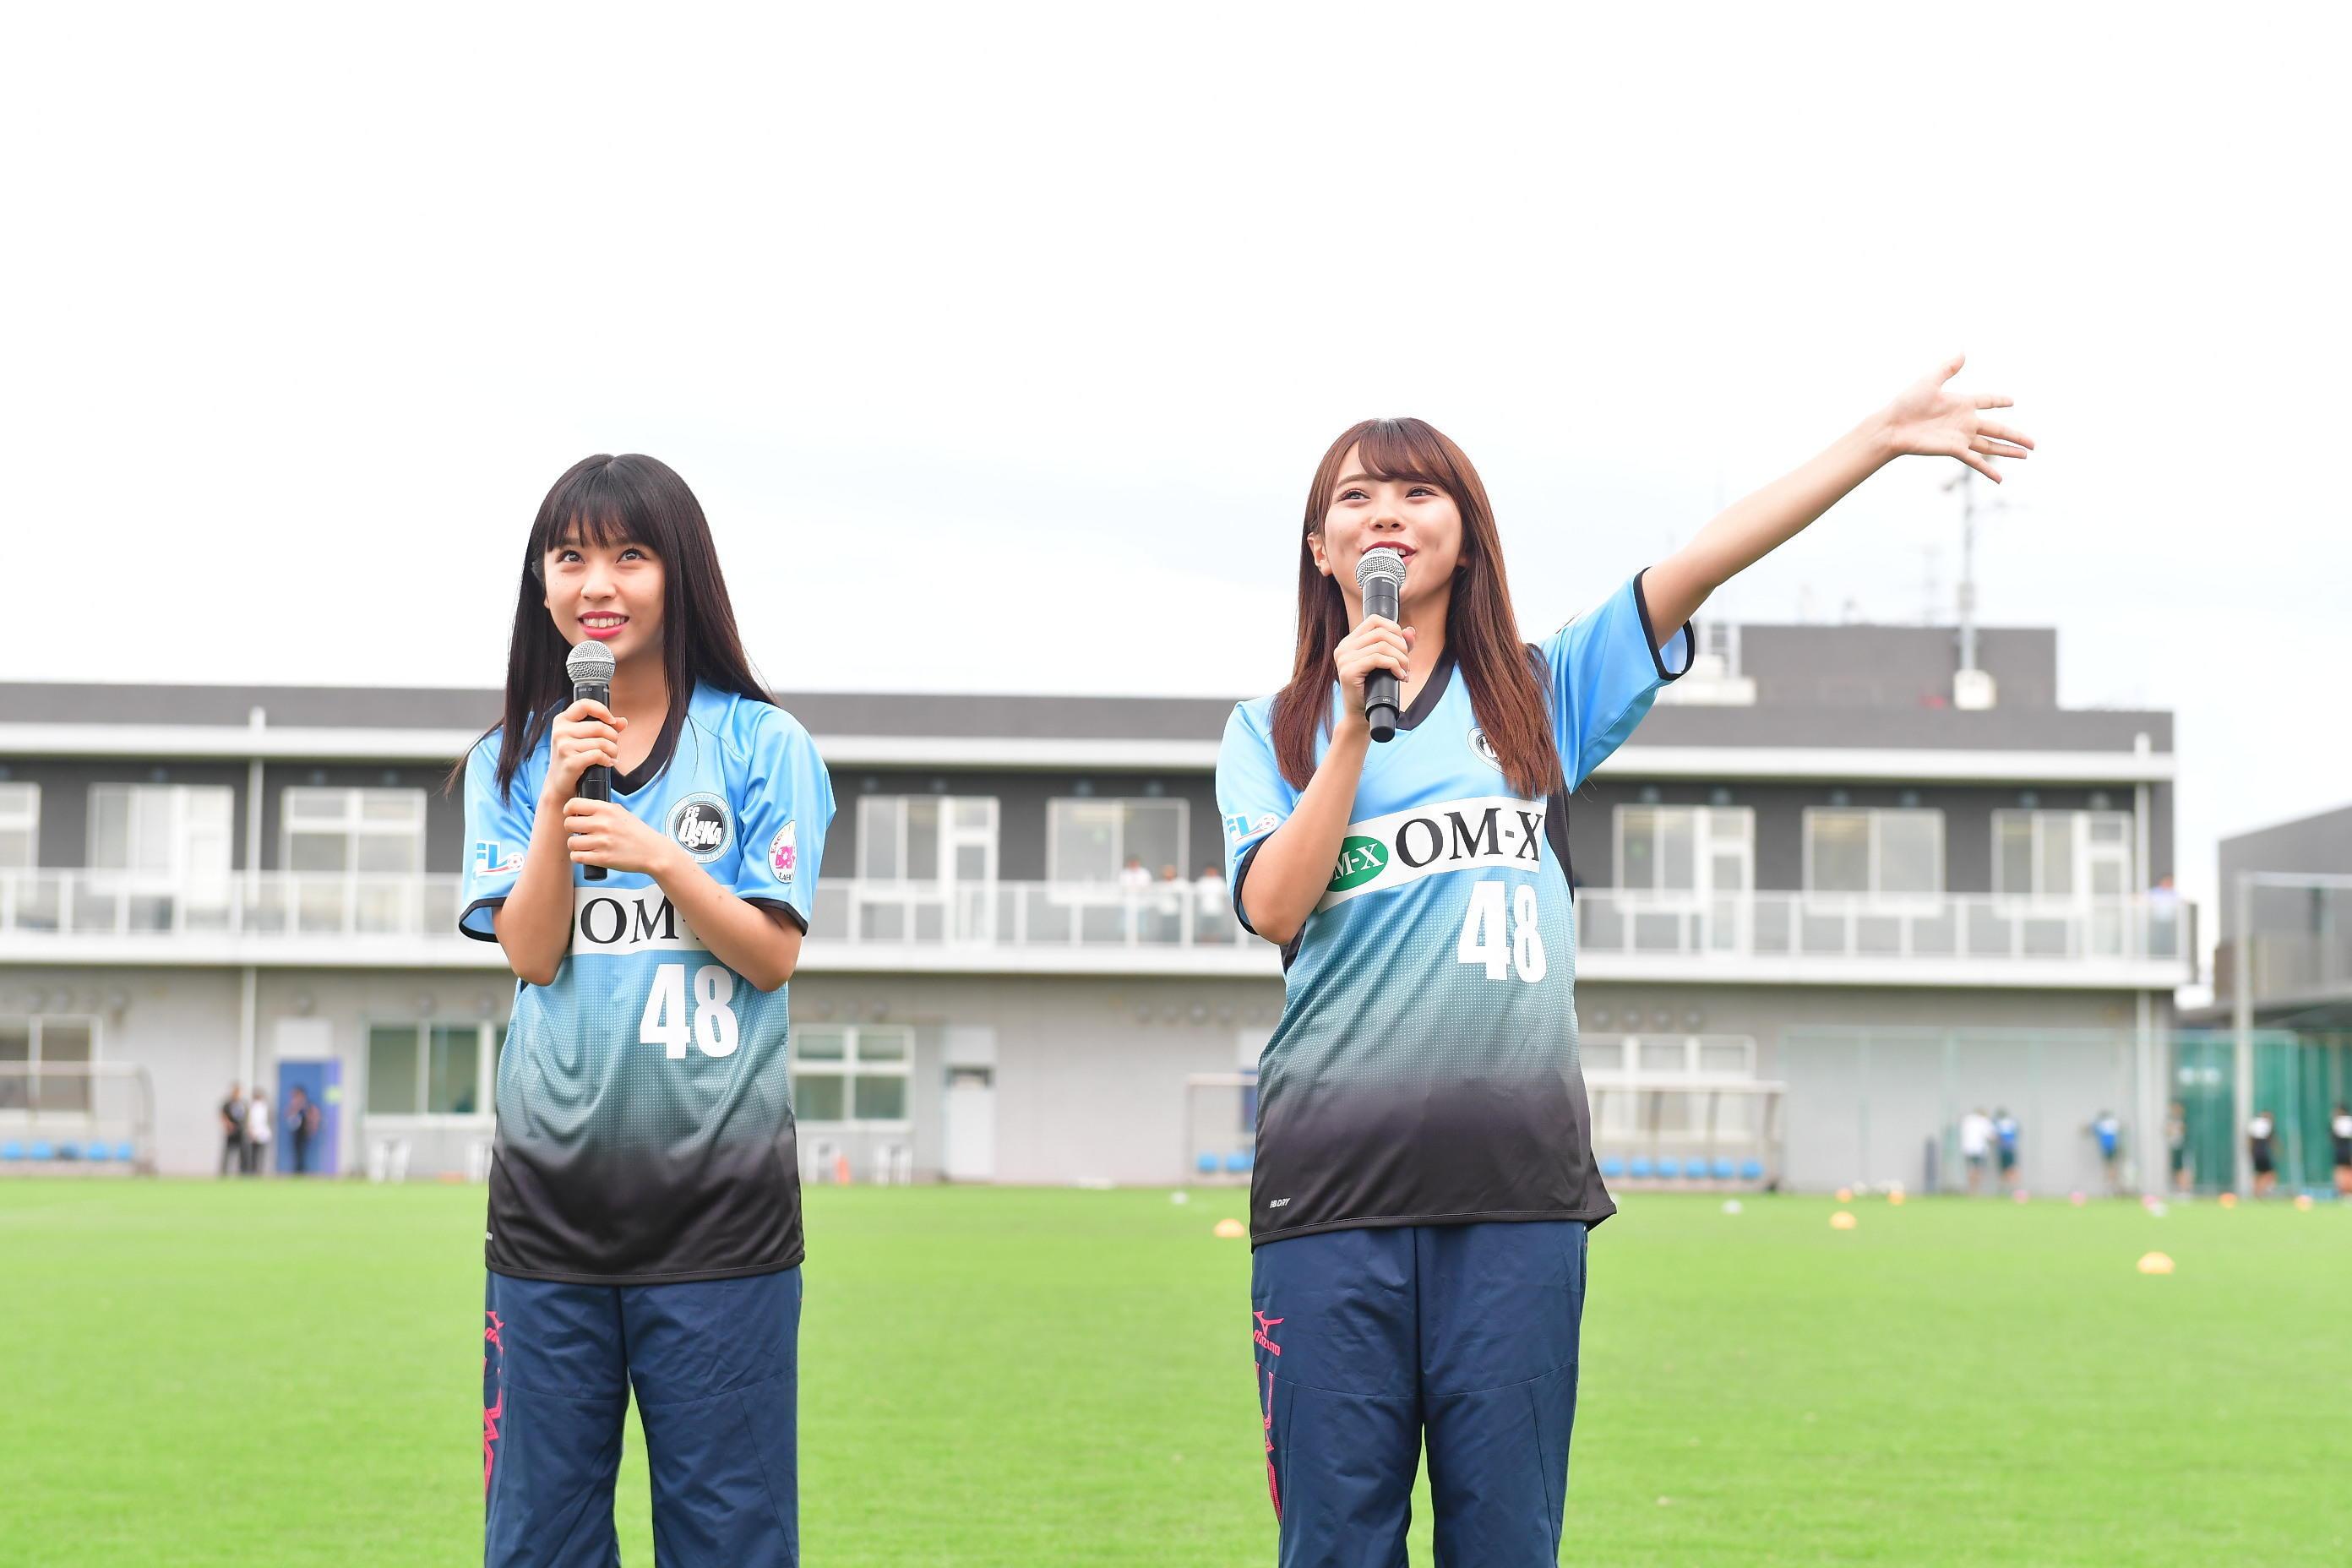 http://news.yoshimoto.co.jp/20180729204543-3470bf93d7f1d7c6b674bc1434e20721c94f7380.jpg